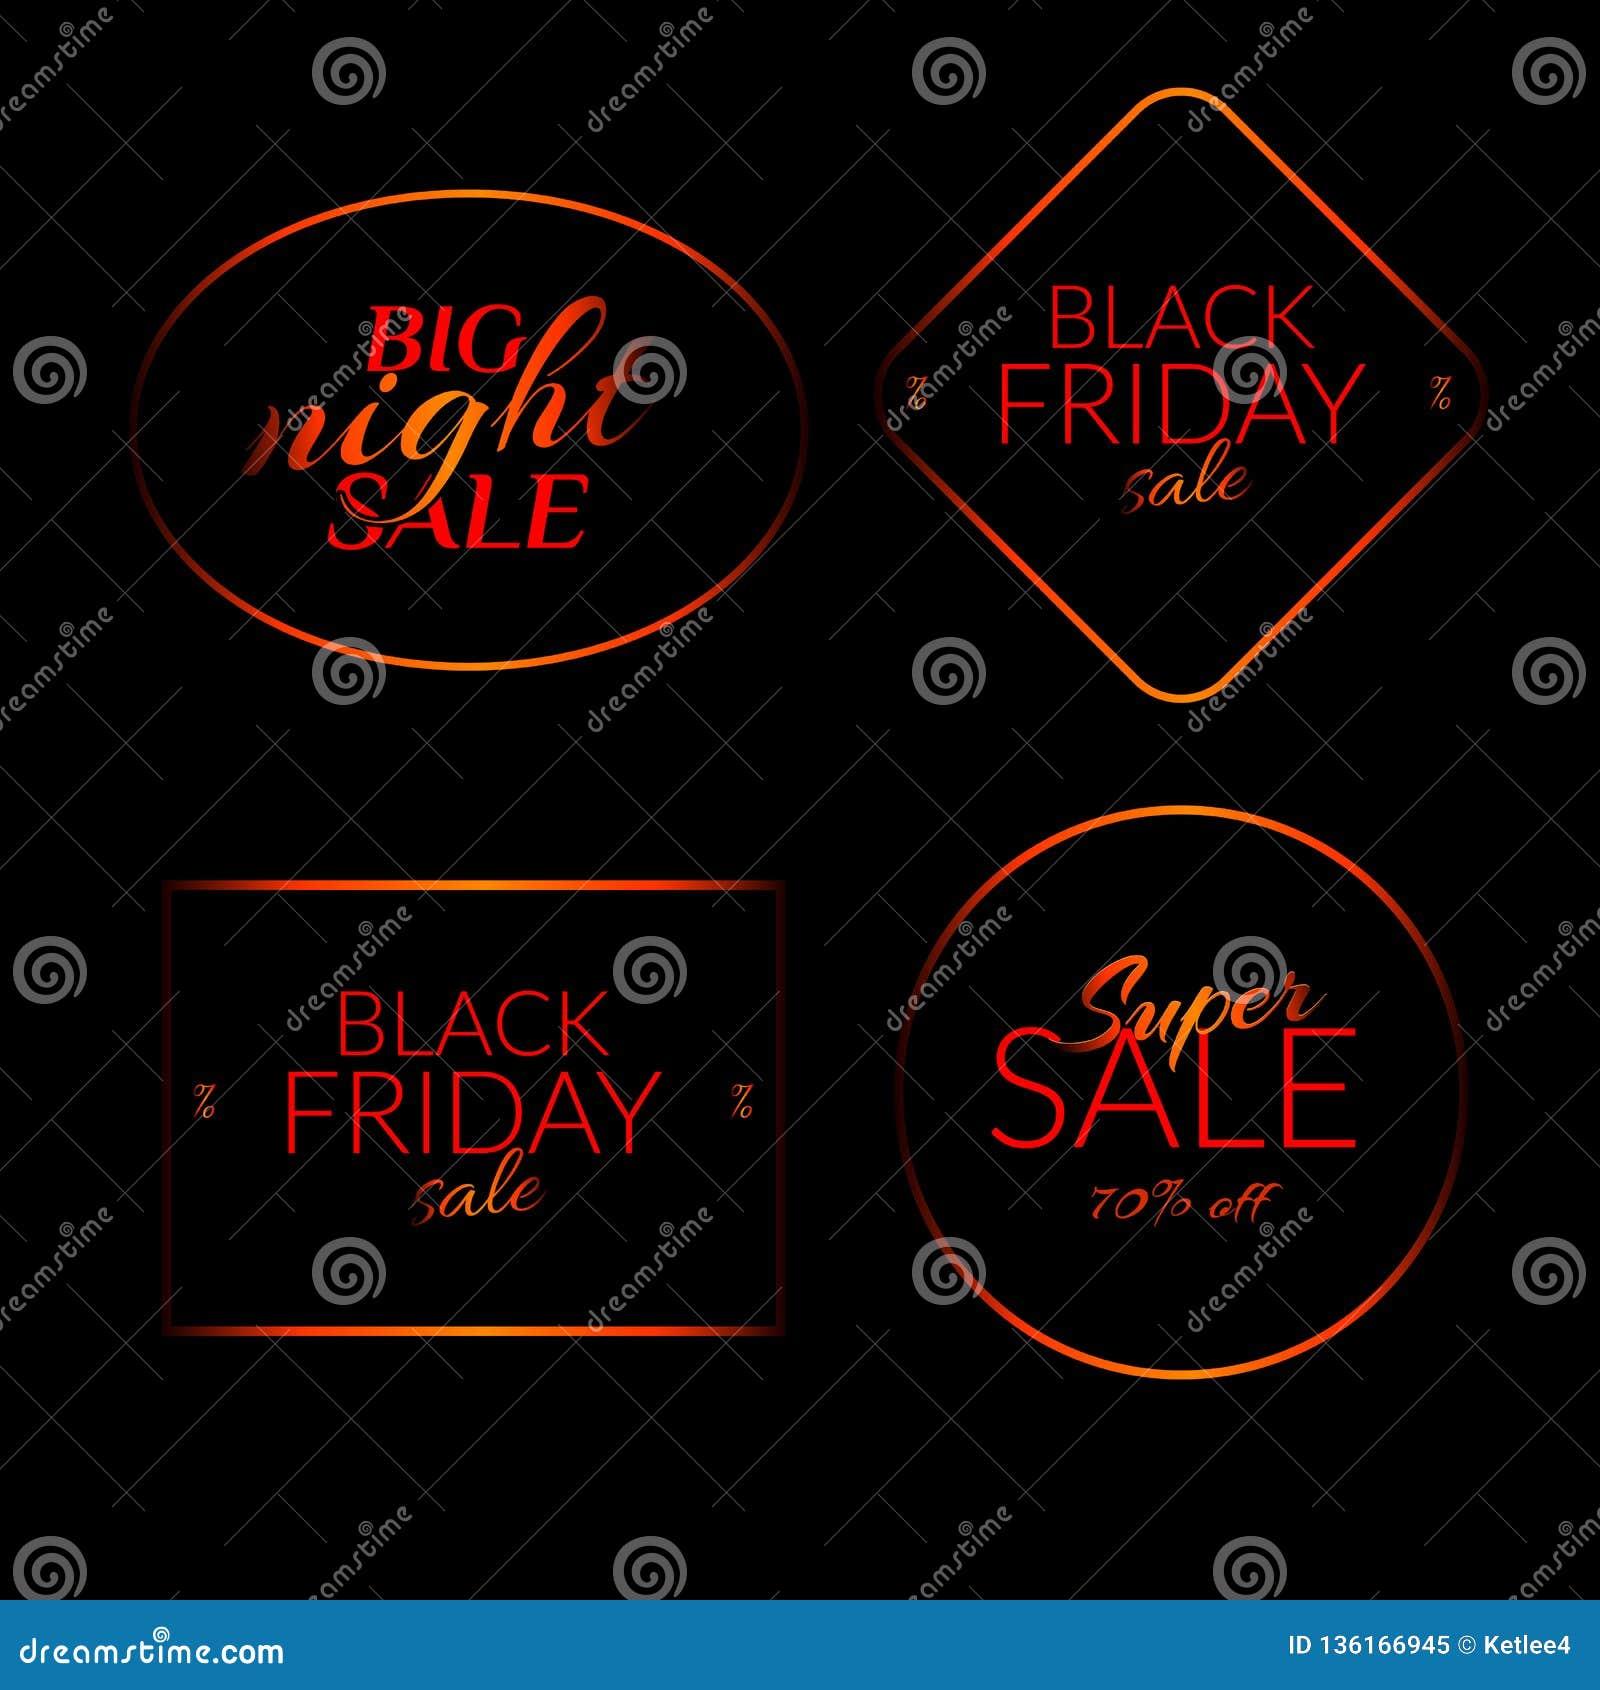 Set Big night sale Black friday sale Super sale 70  off banners on black background vector illustration